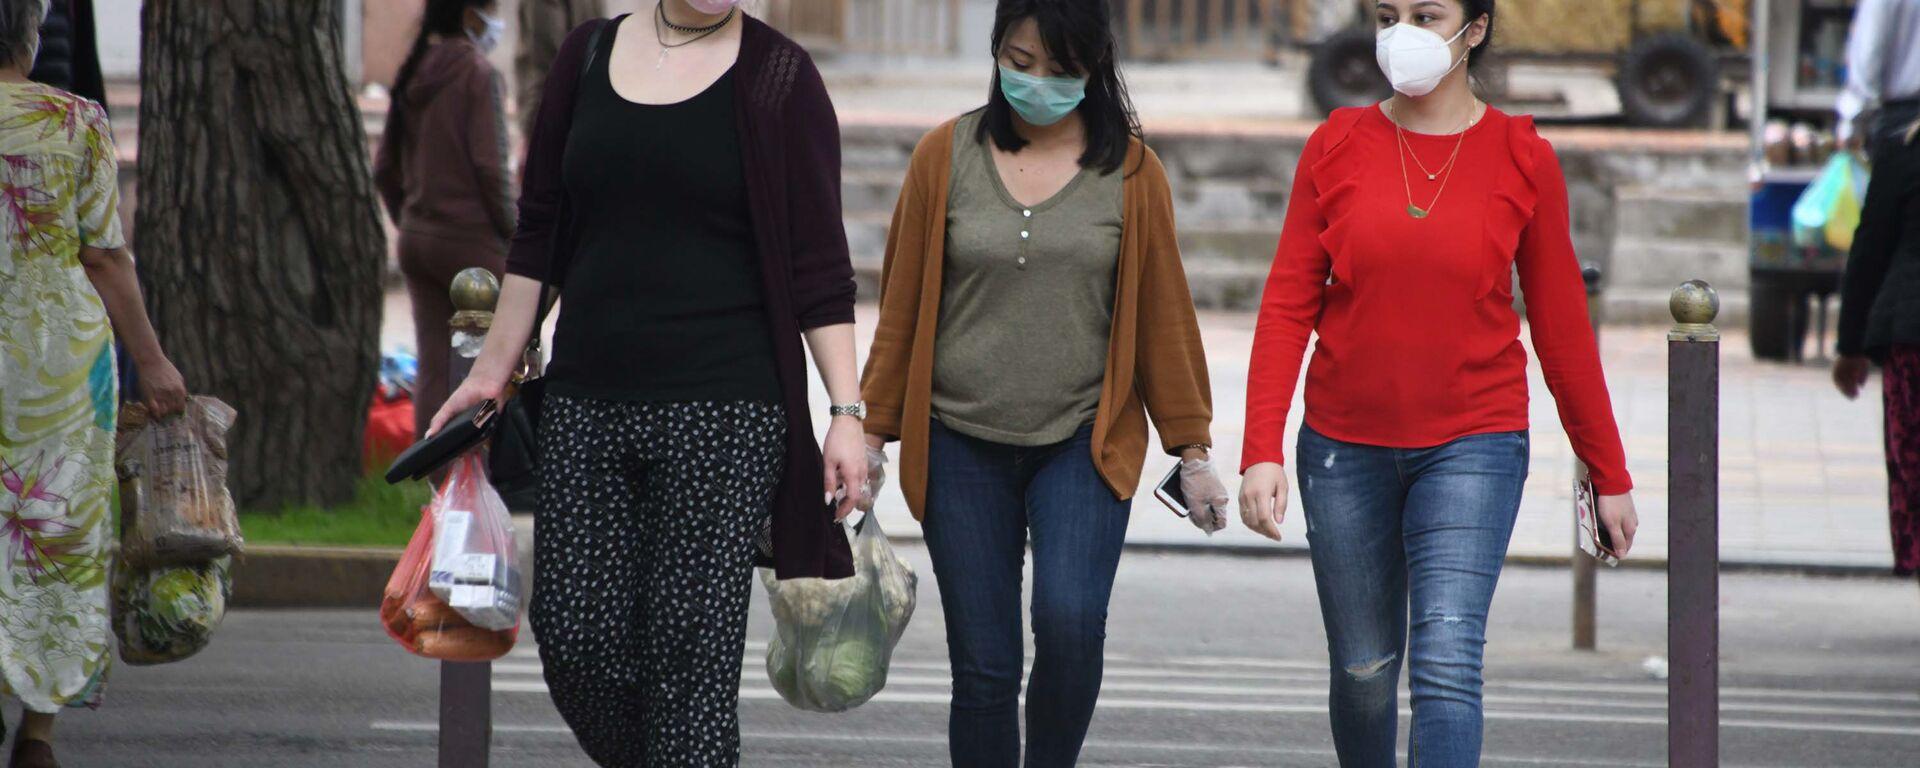 Жители города Душанбе в защитных масках на улице - Sputnik Таджикистан, 1920, 14.09.2021